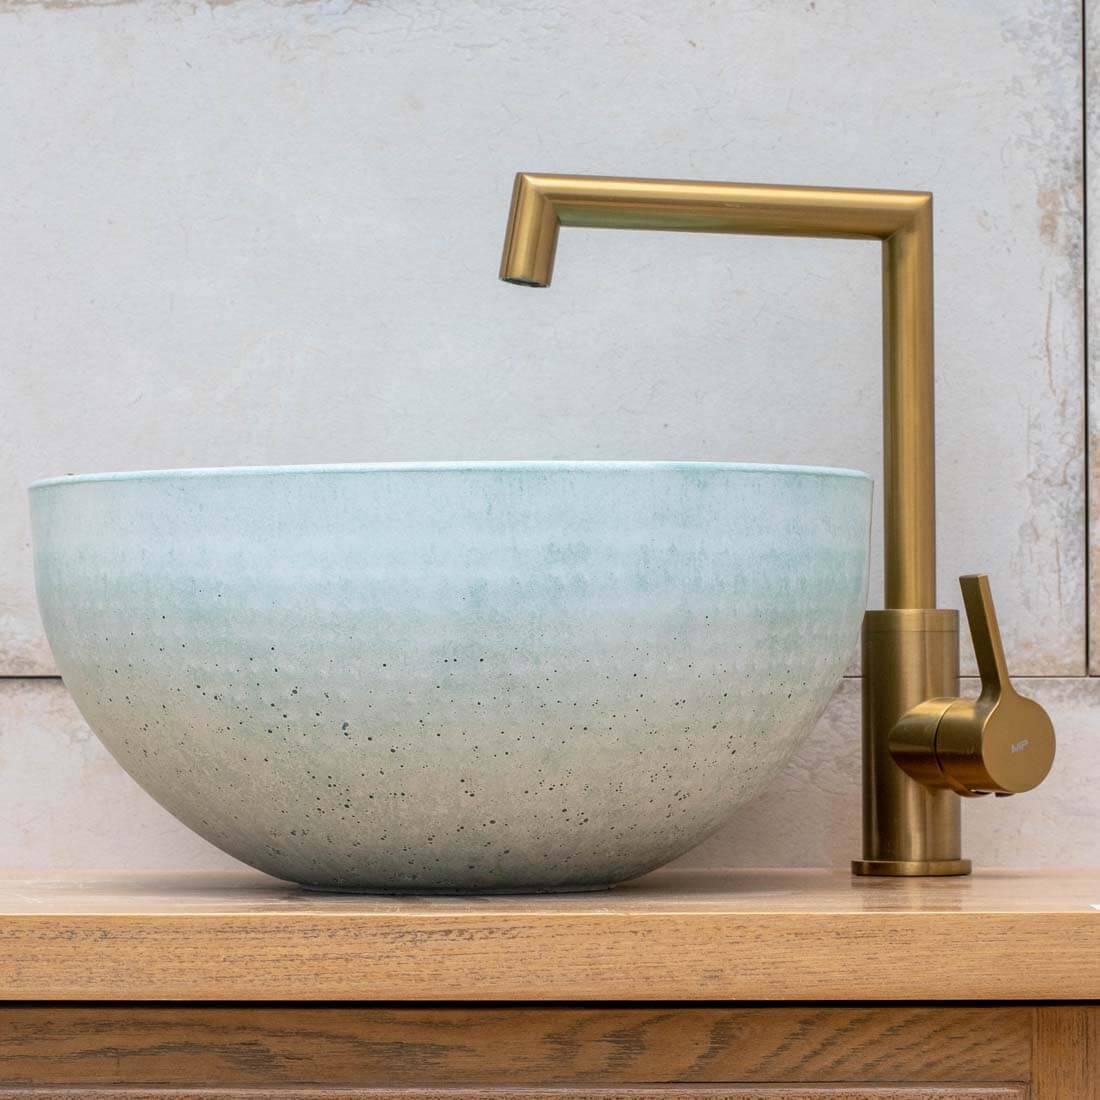 ברז אמבטיה - ברבור בונטון מרובע